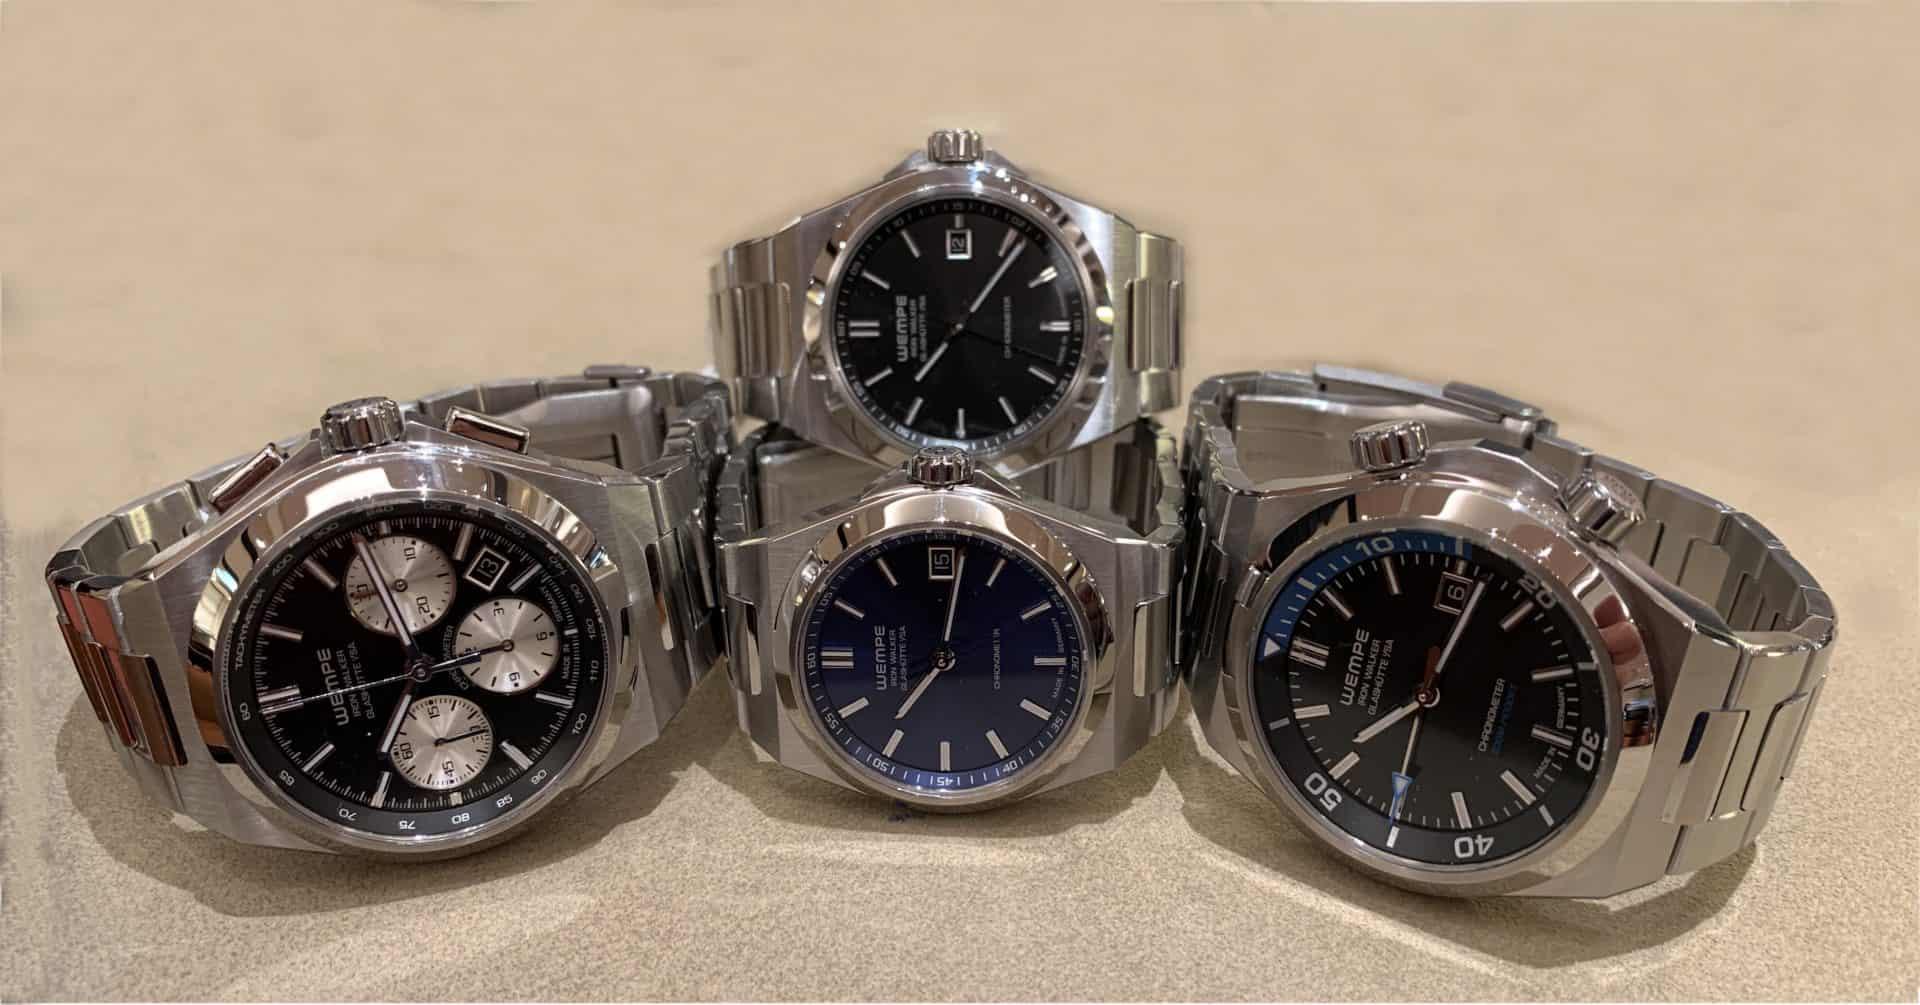 3 mal Wempe Iron Walker: drei Zeiger Uhr mit 36 und 40 Millimeter, Taucheruhr und Chronograph